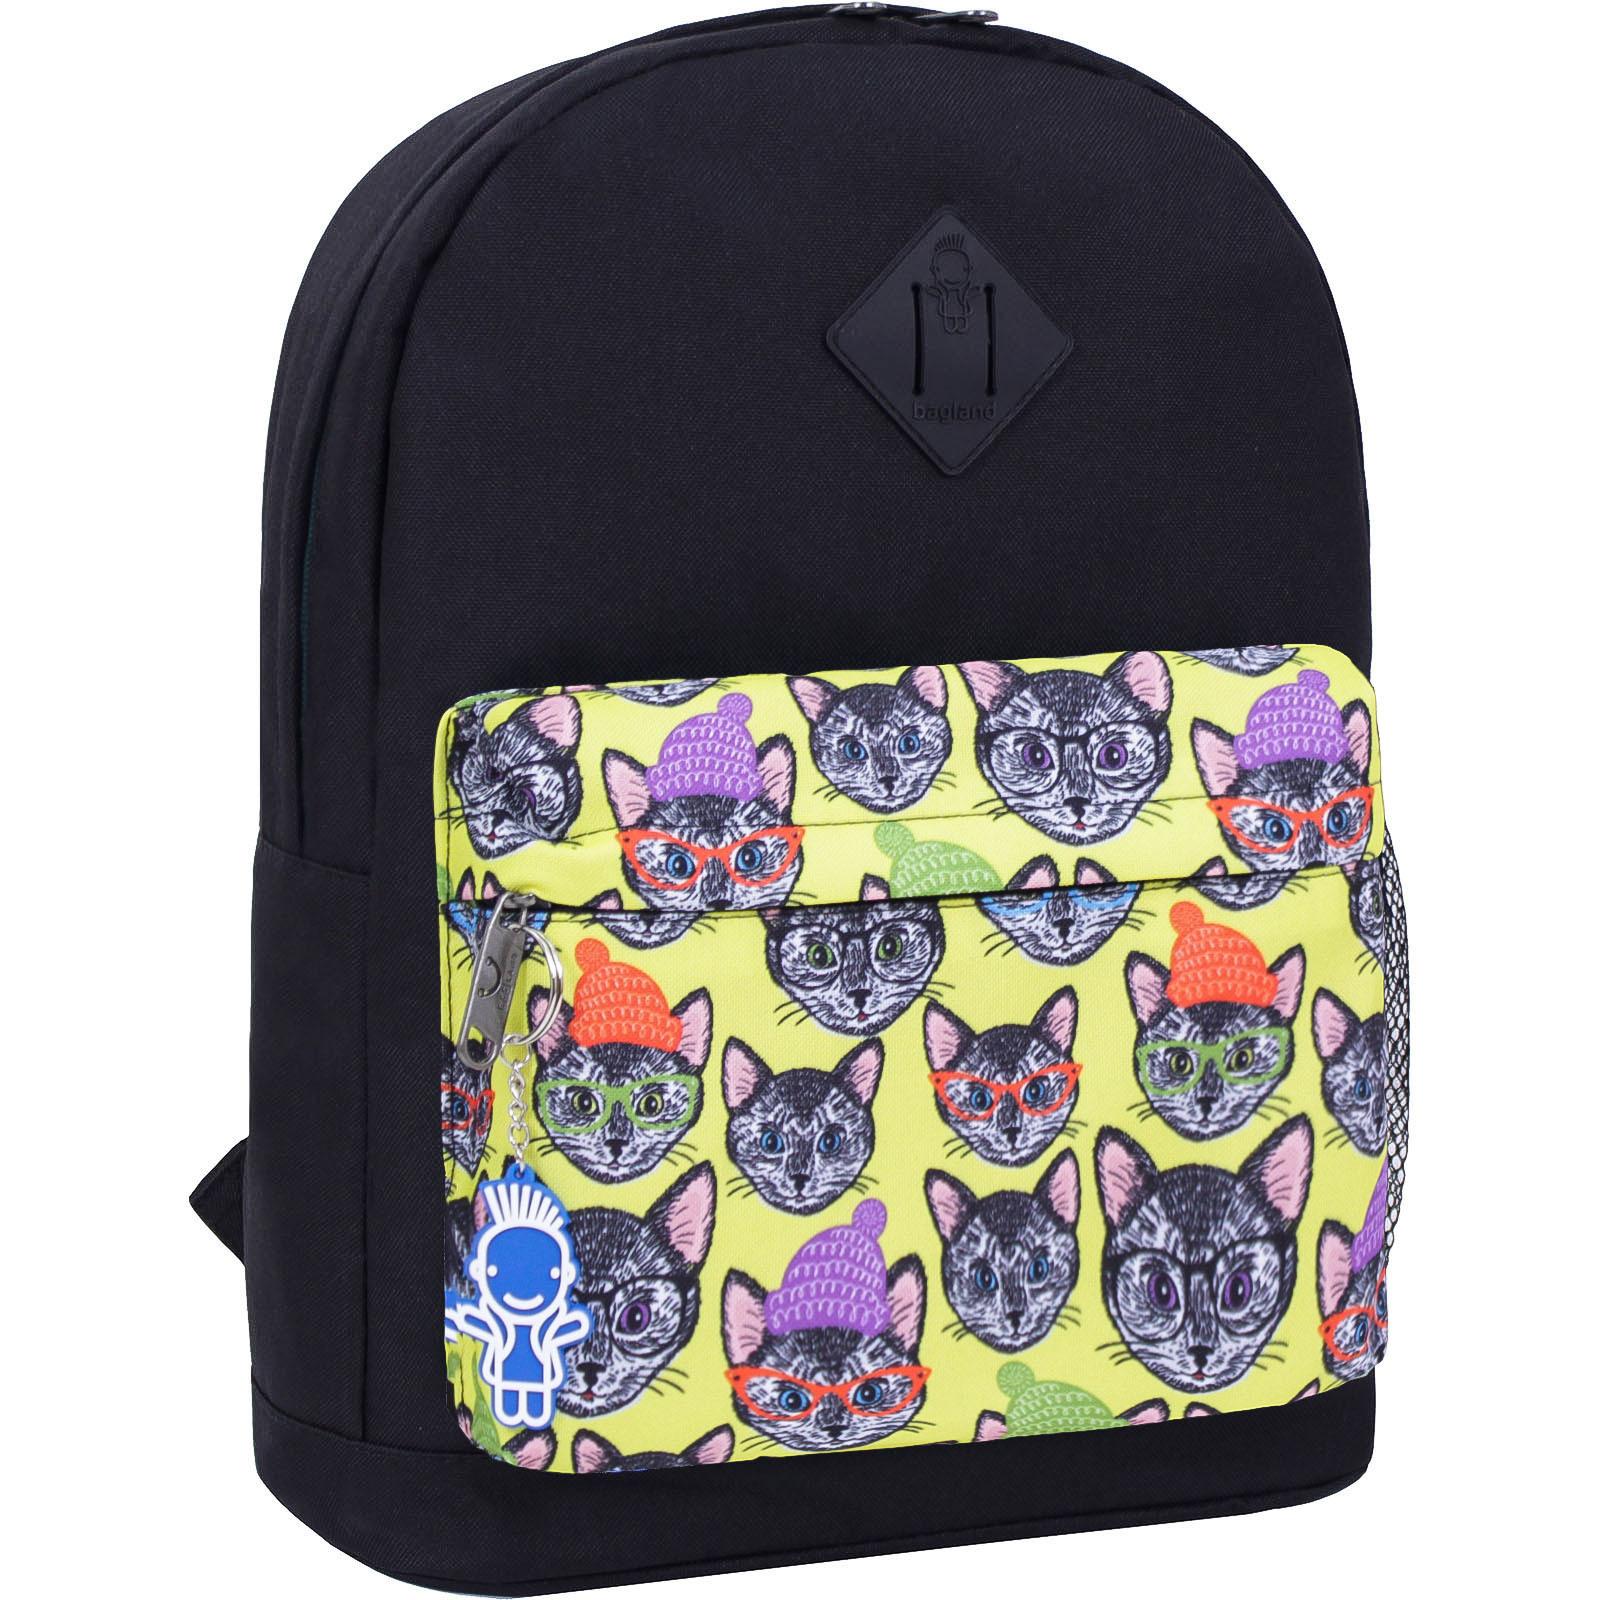 Городские рюкзаки Рюкзак Bagland Молодежный W/R 17 л. черный 469 (00533662) IMG_2492_469_-1600.jpg